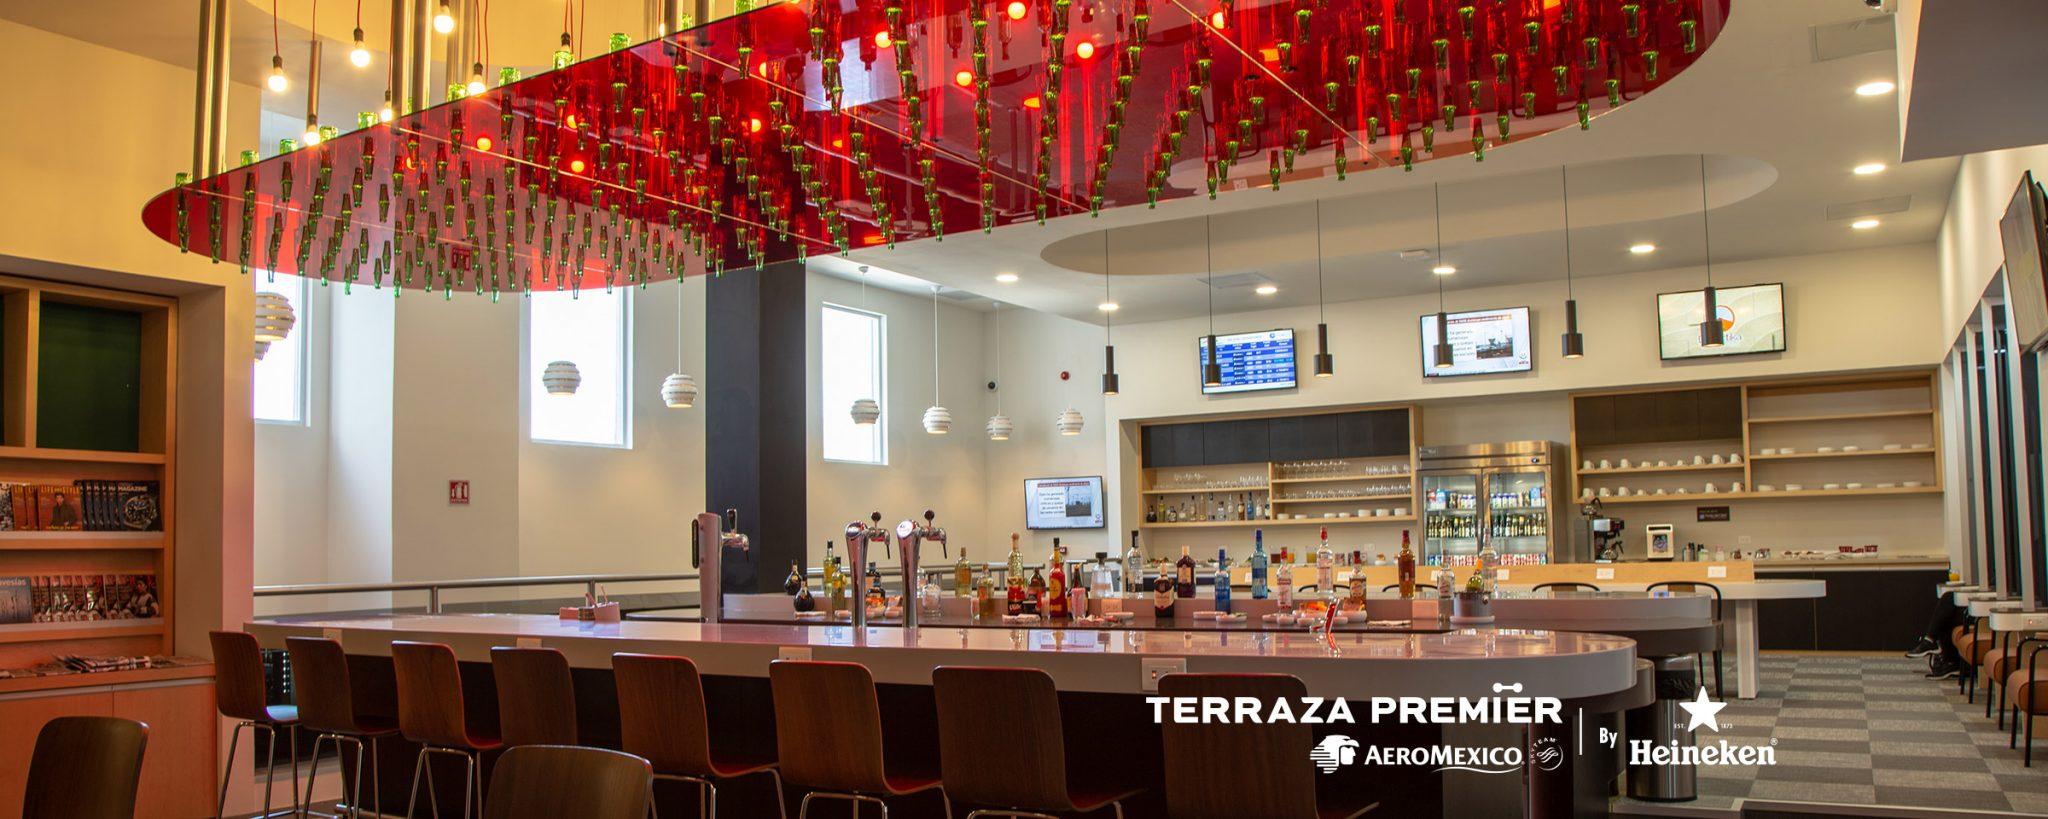 Aeroméxico y Heineken inauguran Terraza Premier en el Aeropuerto de Monterrey